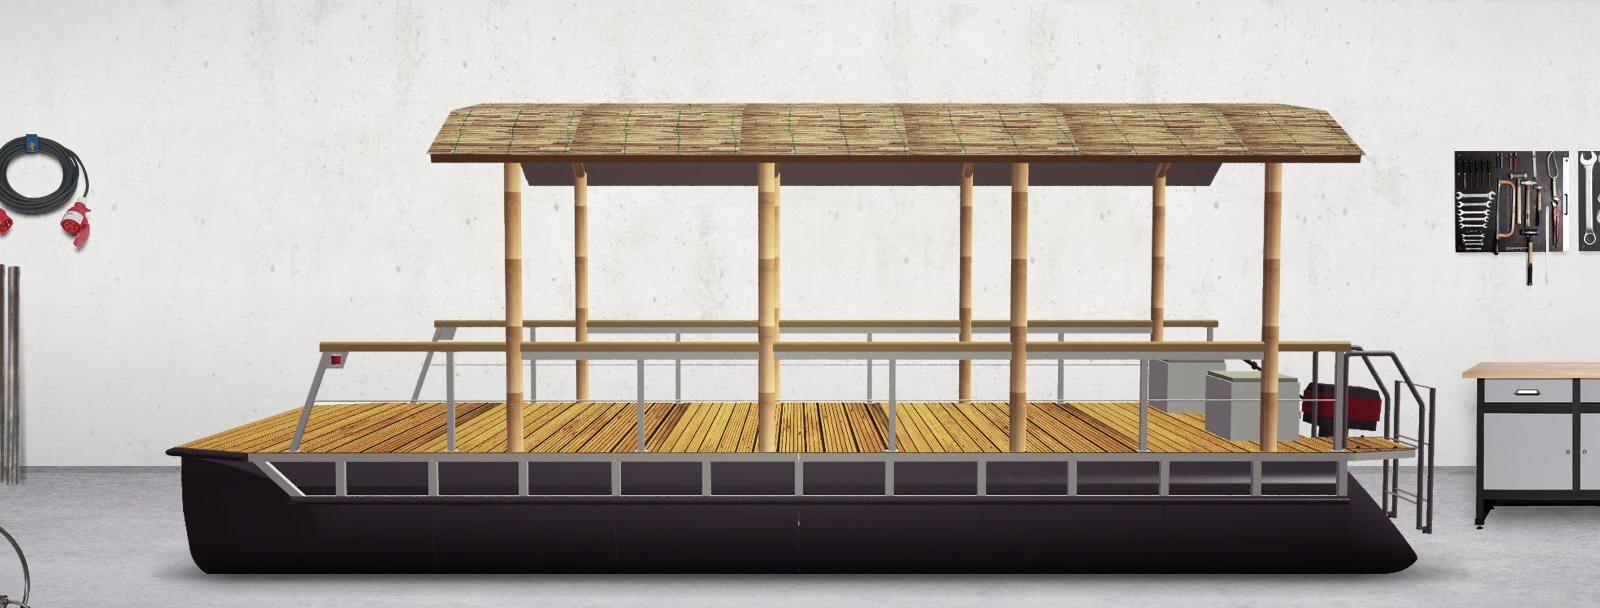 Pontonboot mit Runddach (komplett montiert)